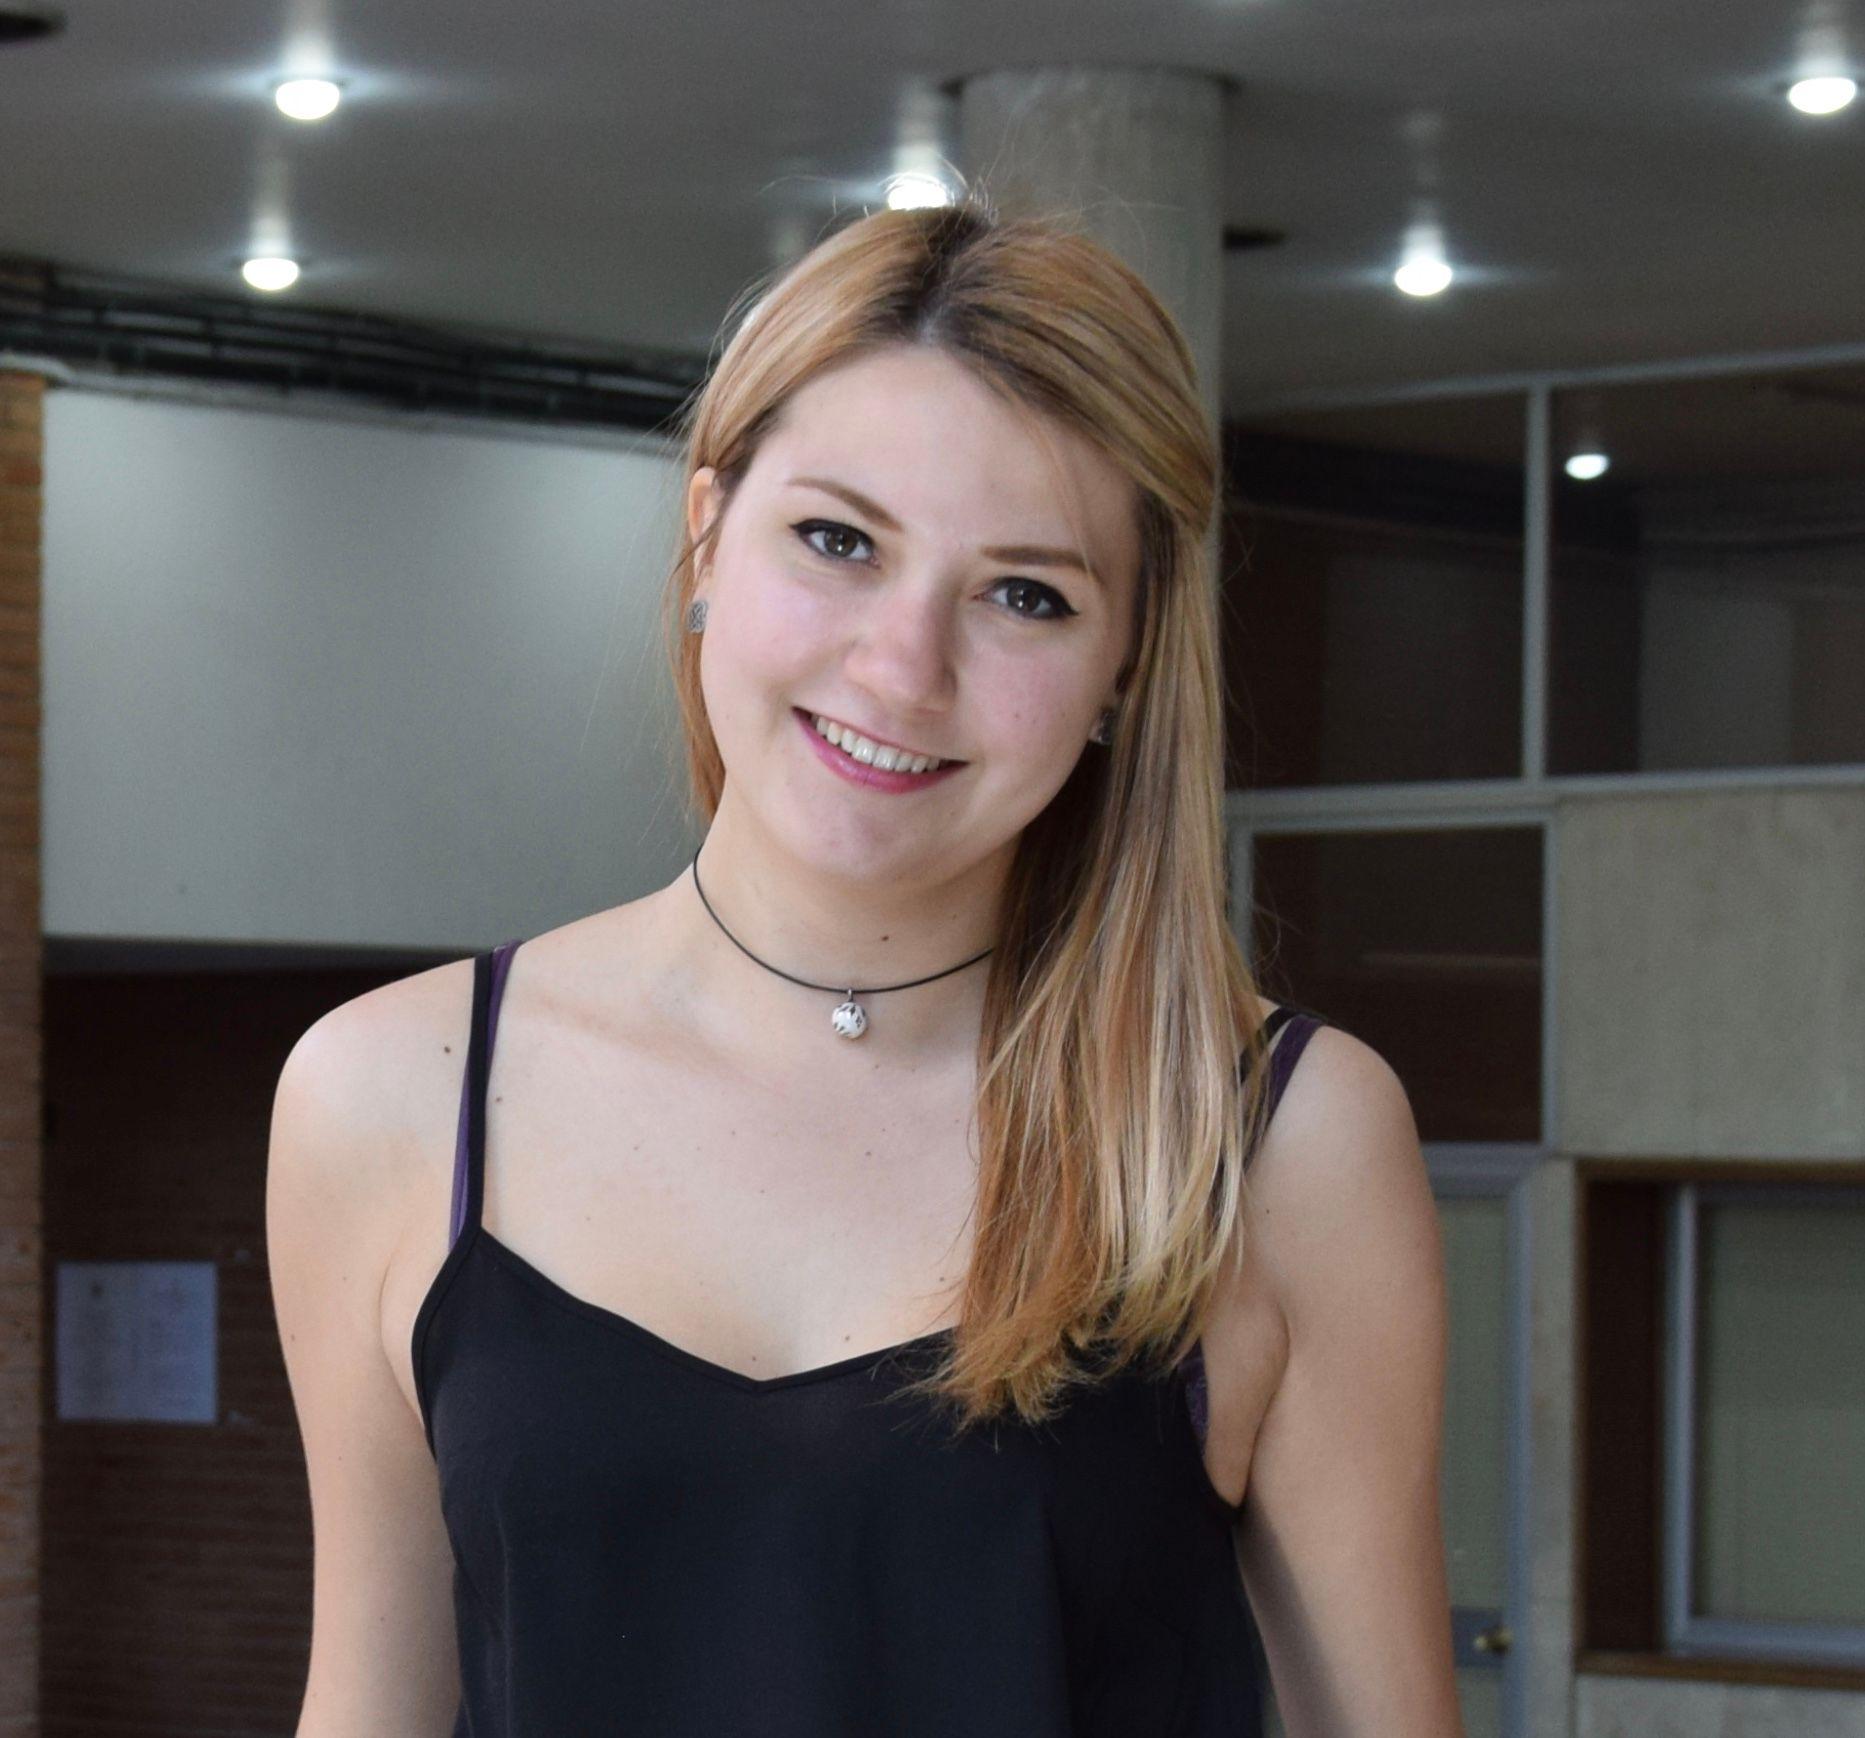 Anna from Chromia